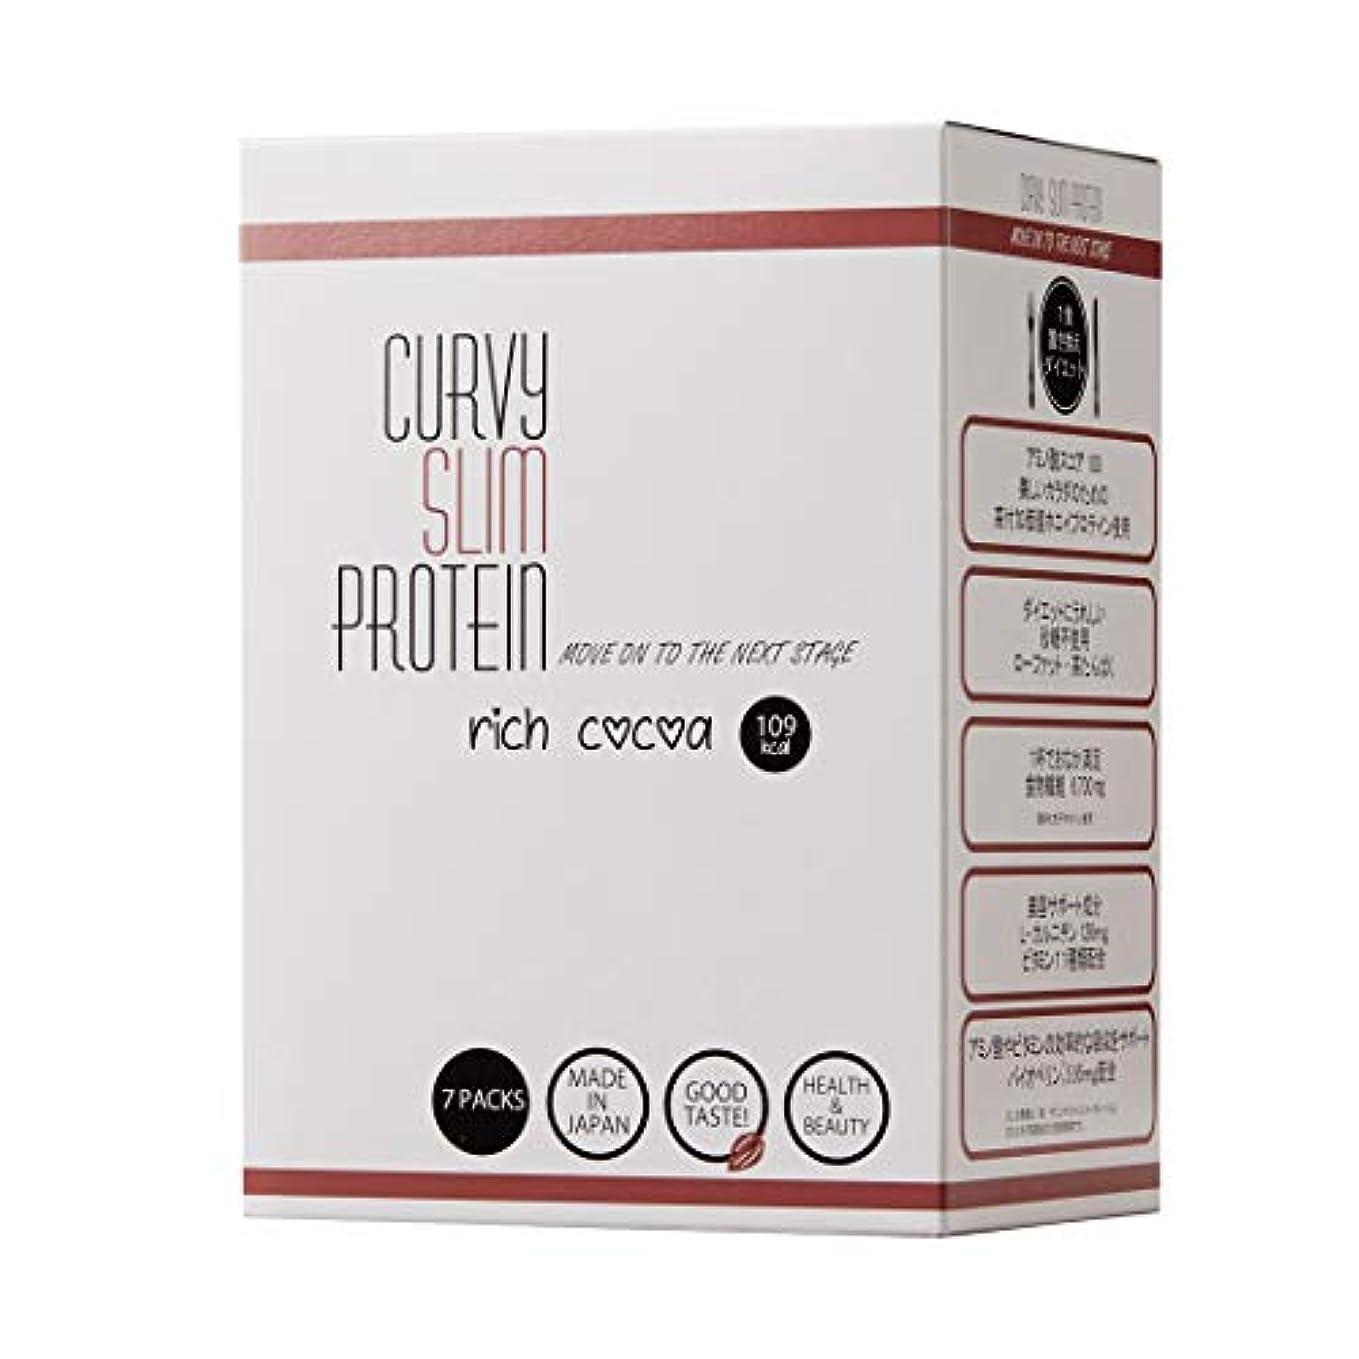 エミュレートするインストールカーヴィースリム® プロテイン リッチココア 置き換え ダイエット 7包(7食分)